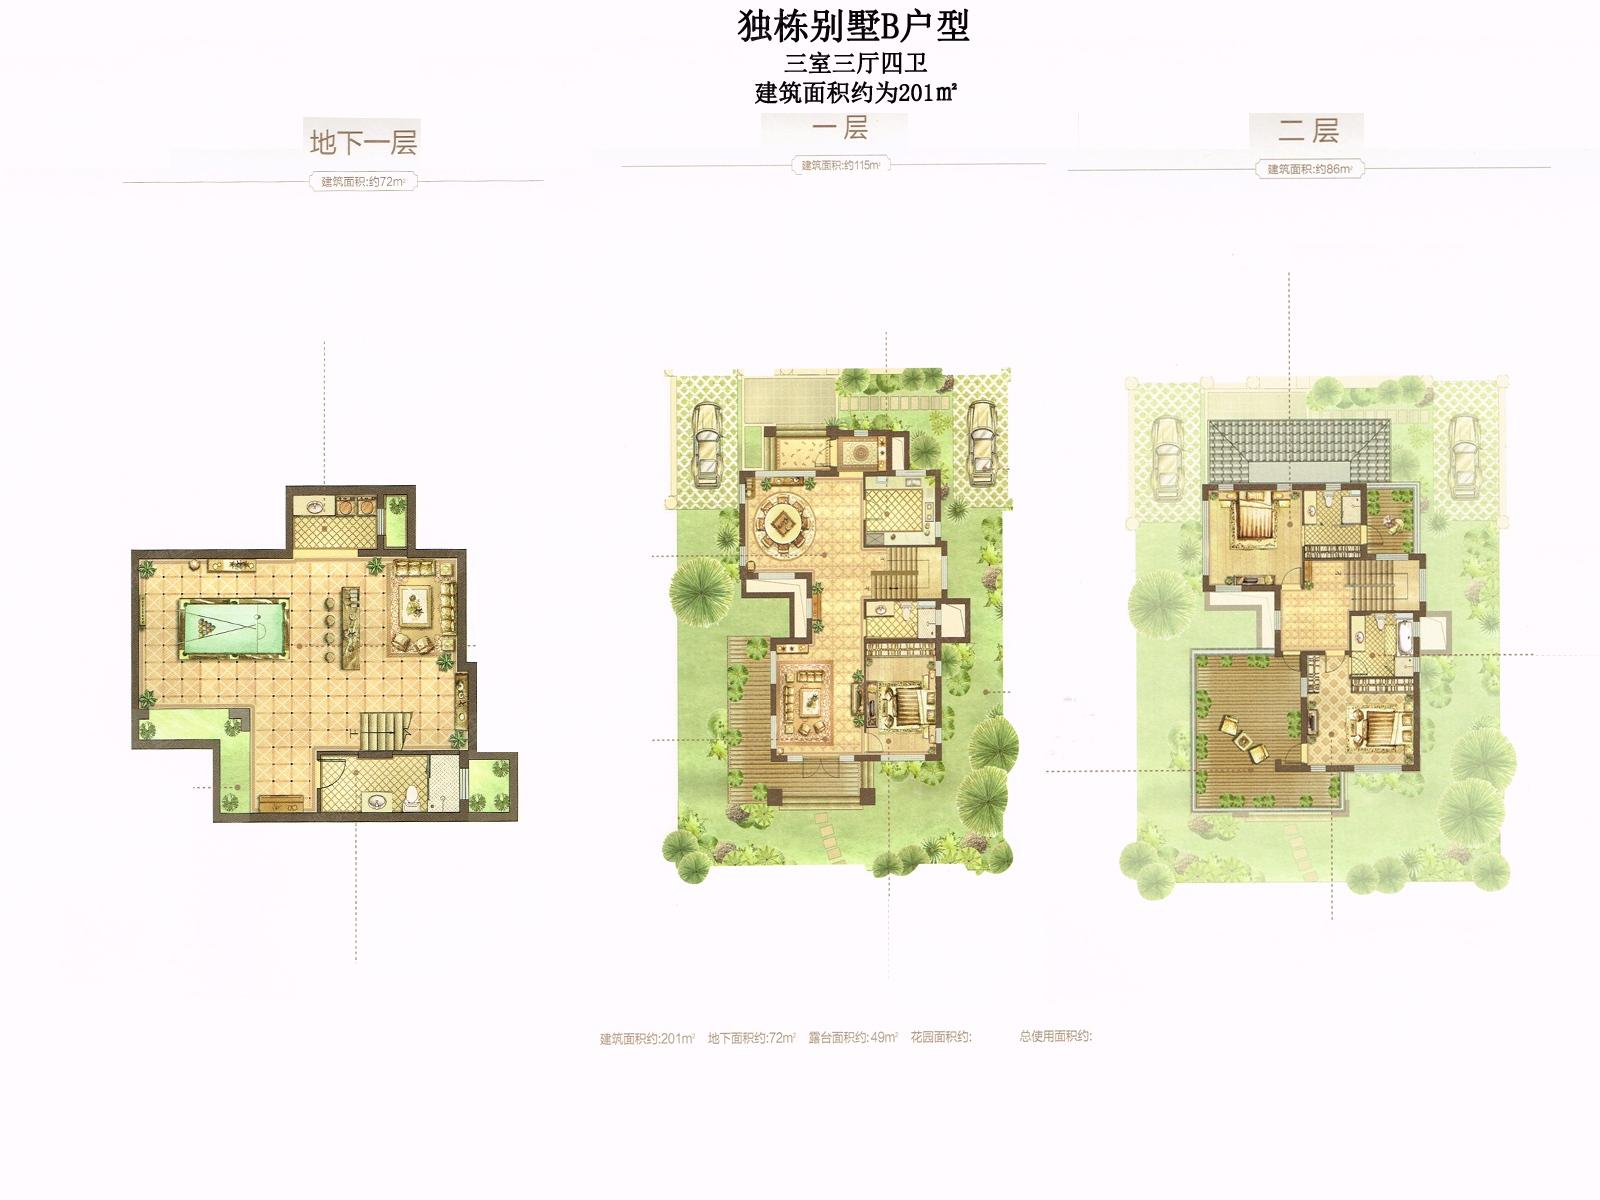 华贸蔚蓝海岸-双拼别墅c-三室两厅三卫-154.00㎡图片